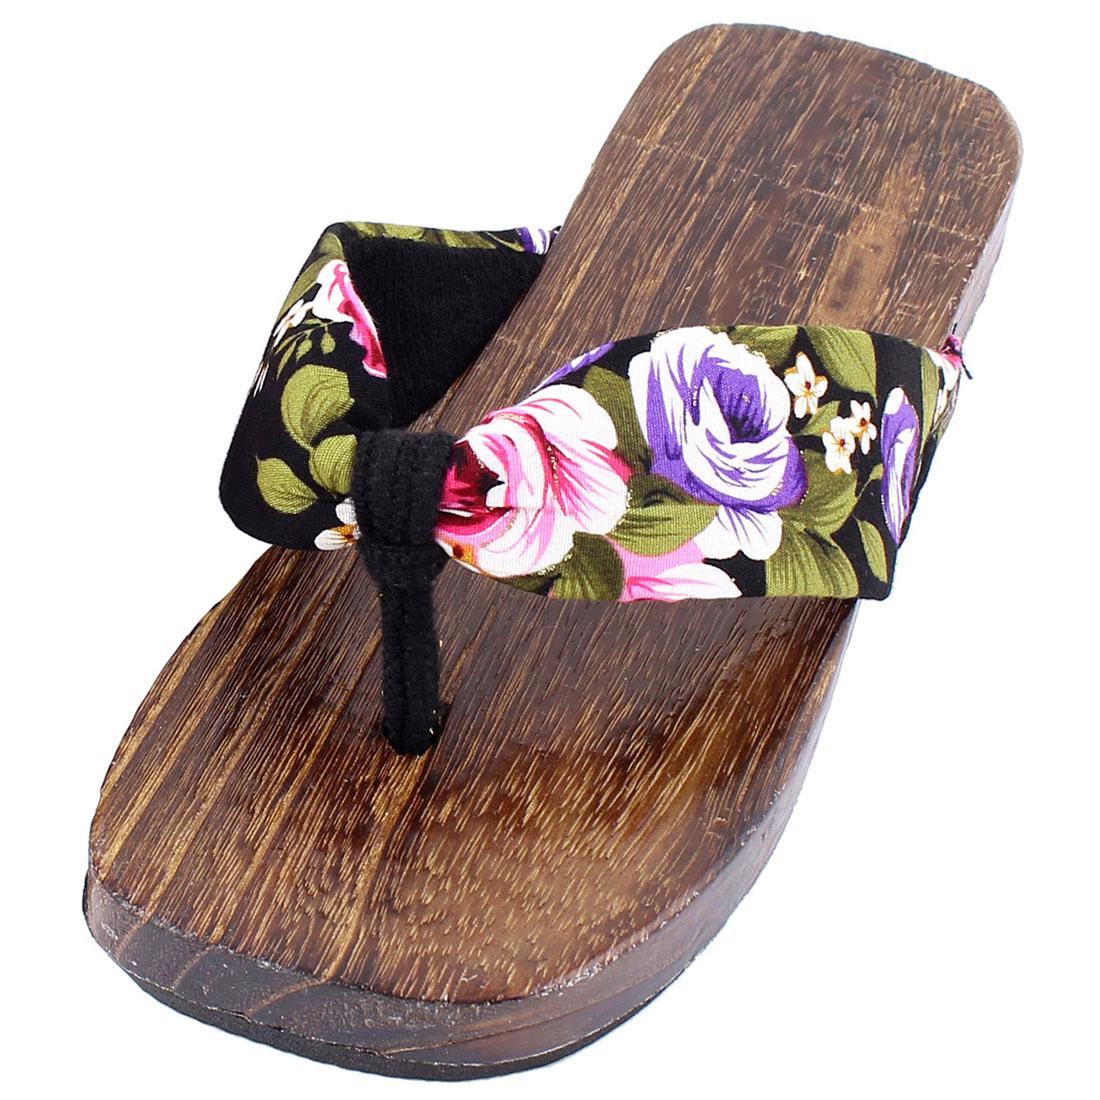 Lady Rubber Outsole Floral Print Purple Strap Getas Clogs Flip Flops US6 Pair